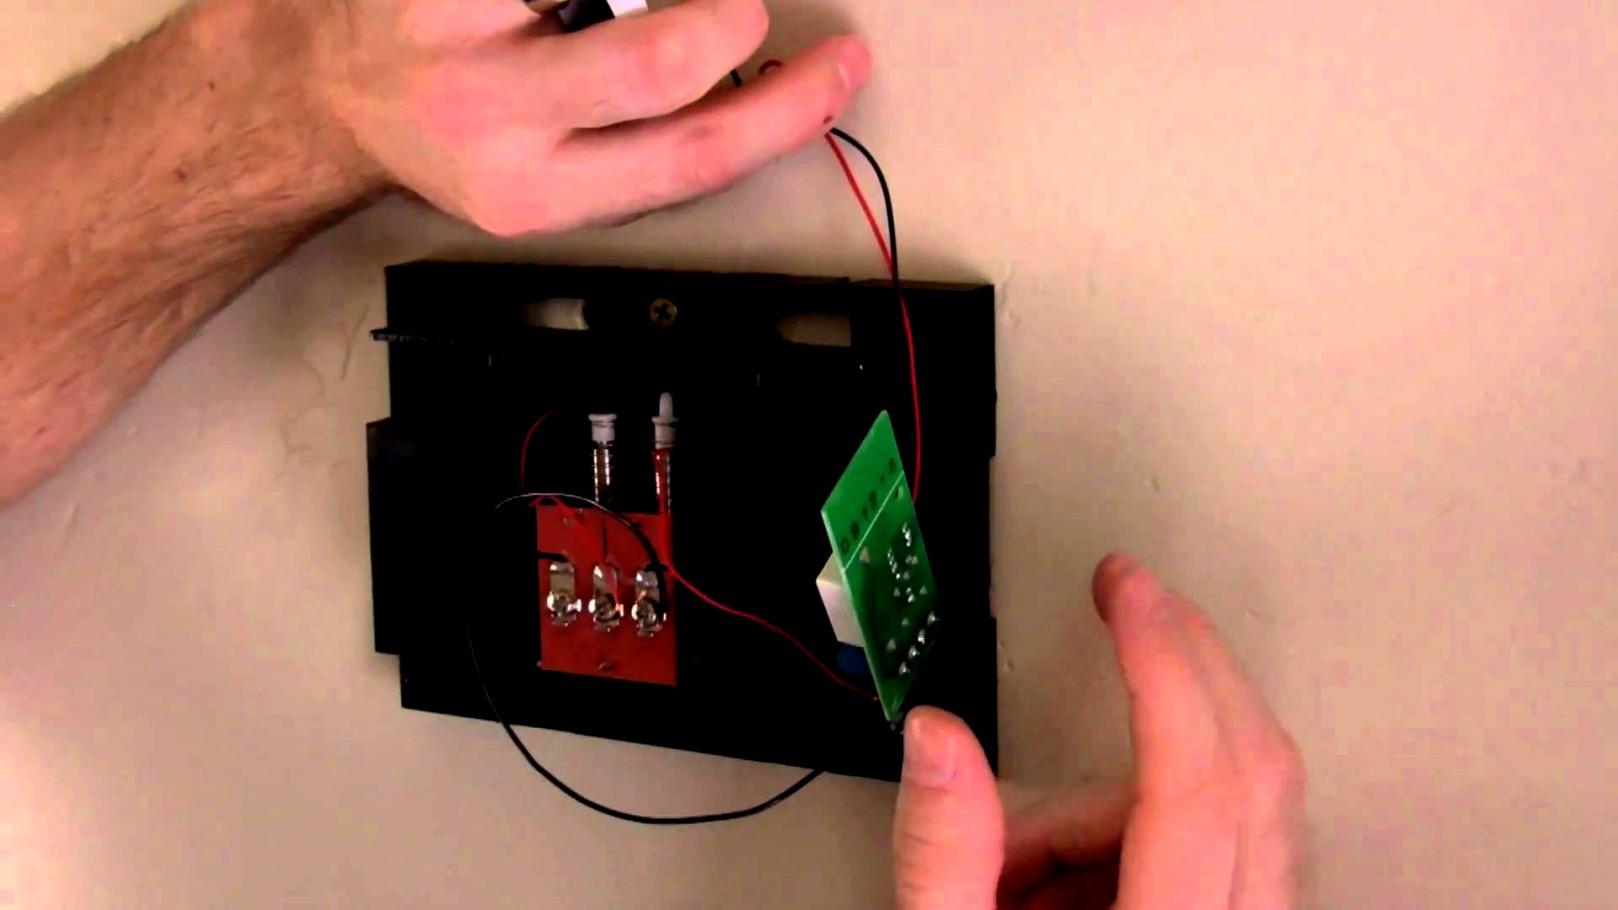 Broan Doorbell Wiring Diagram | Wiring Diagram - Nutone Doorbell Wiring Diagram